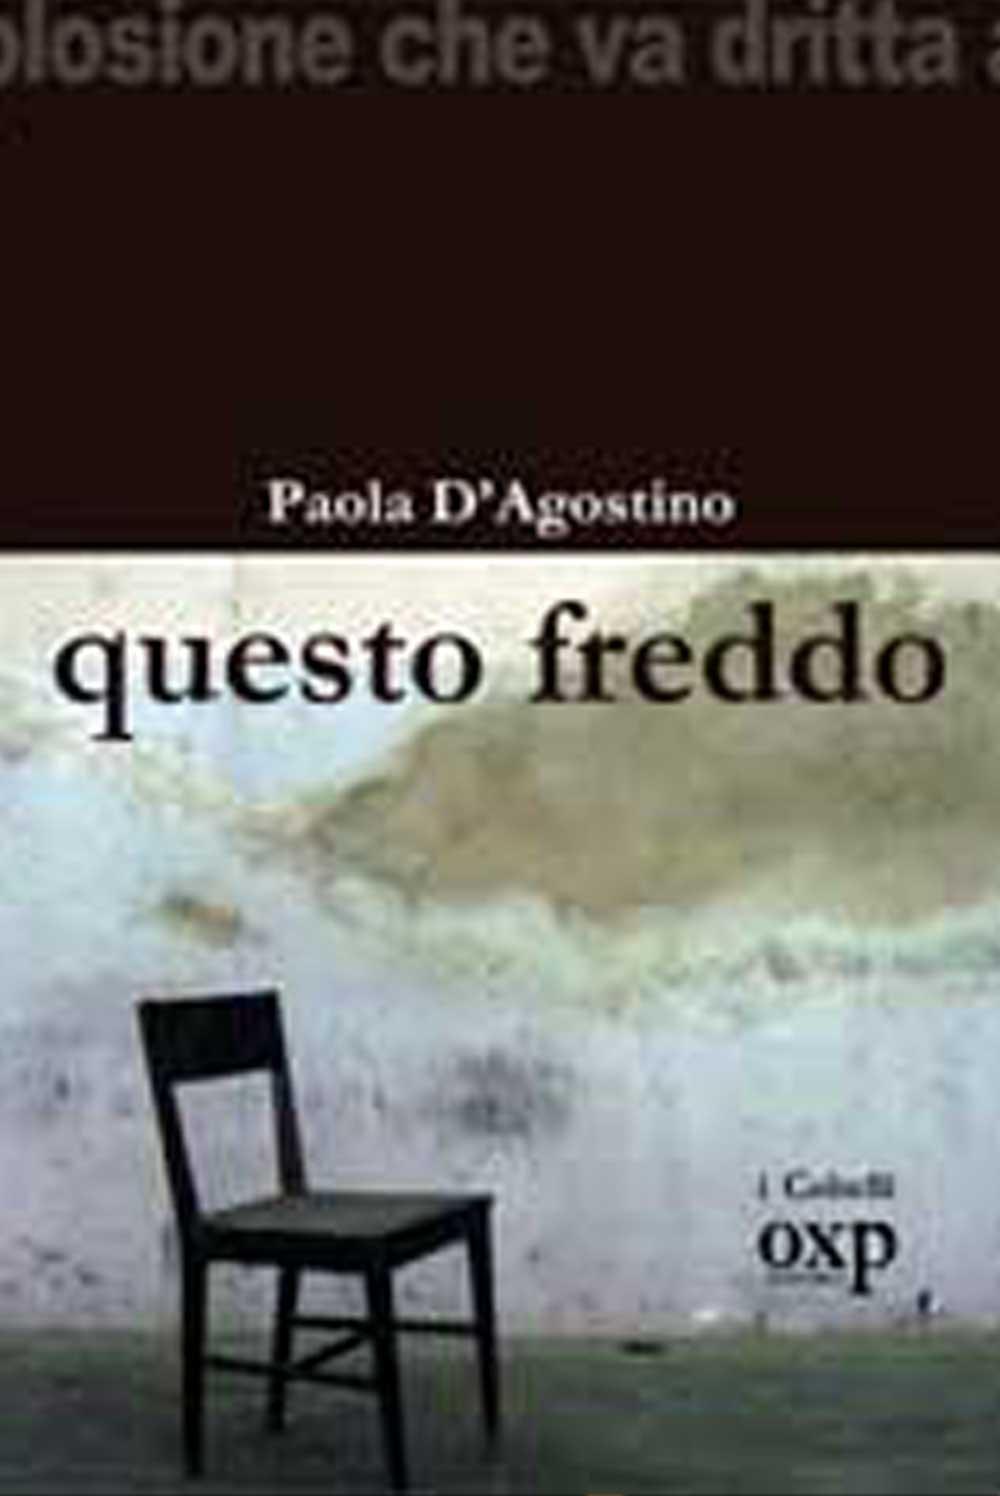 Questo freddo, di PaolaD'Agostino (I Coltelli, 2012)